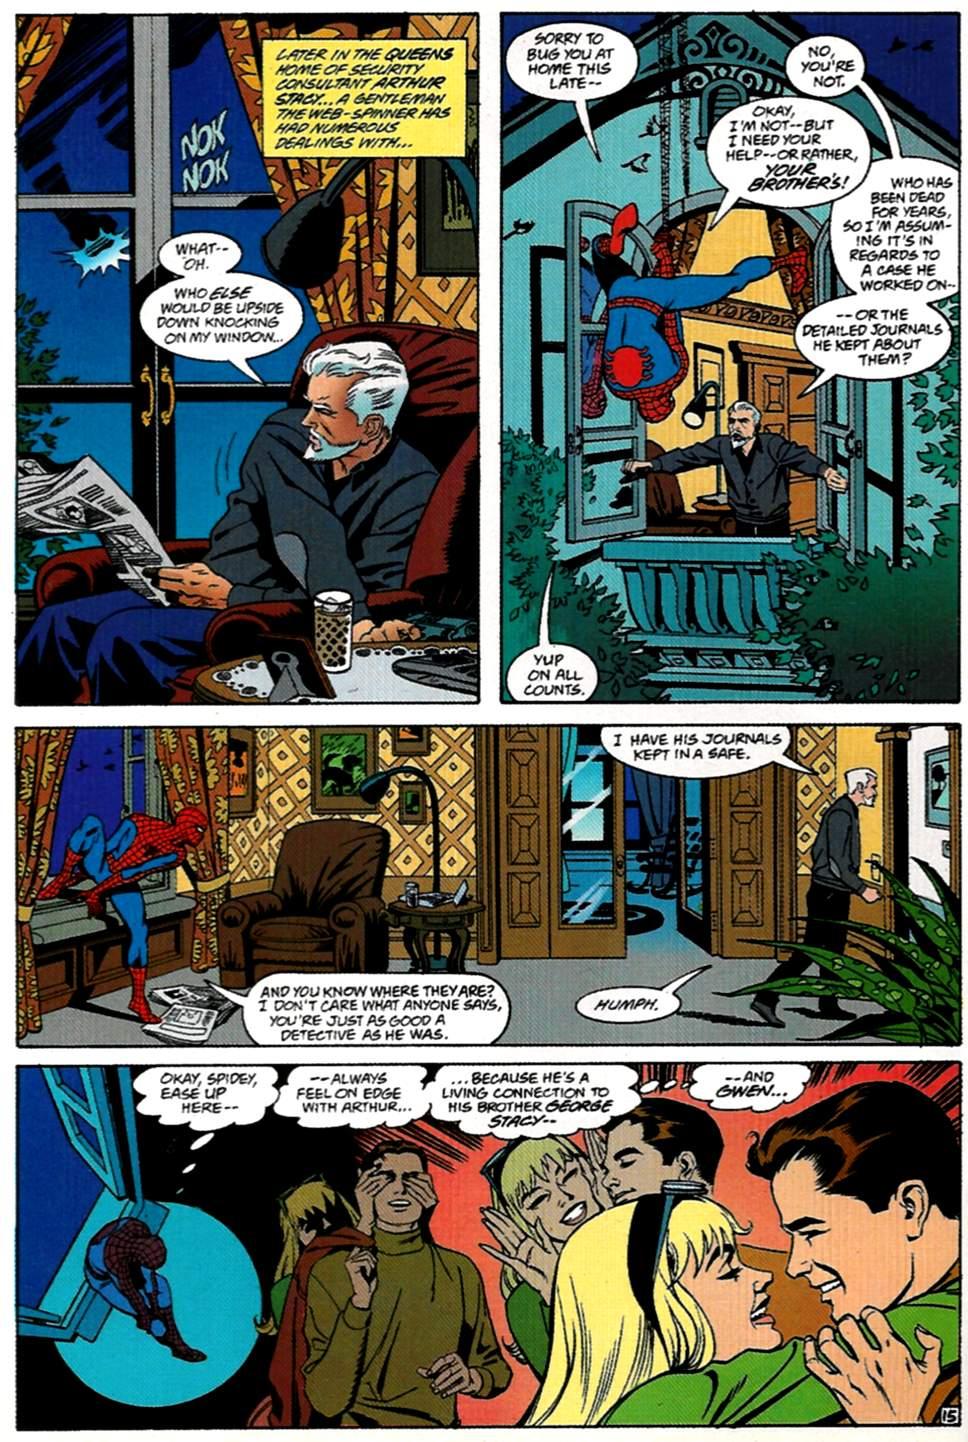 Read online Spider-Man: Lifeline comic -  Issue #1 - 16